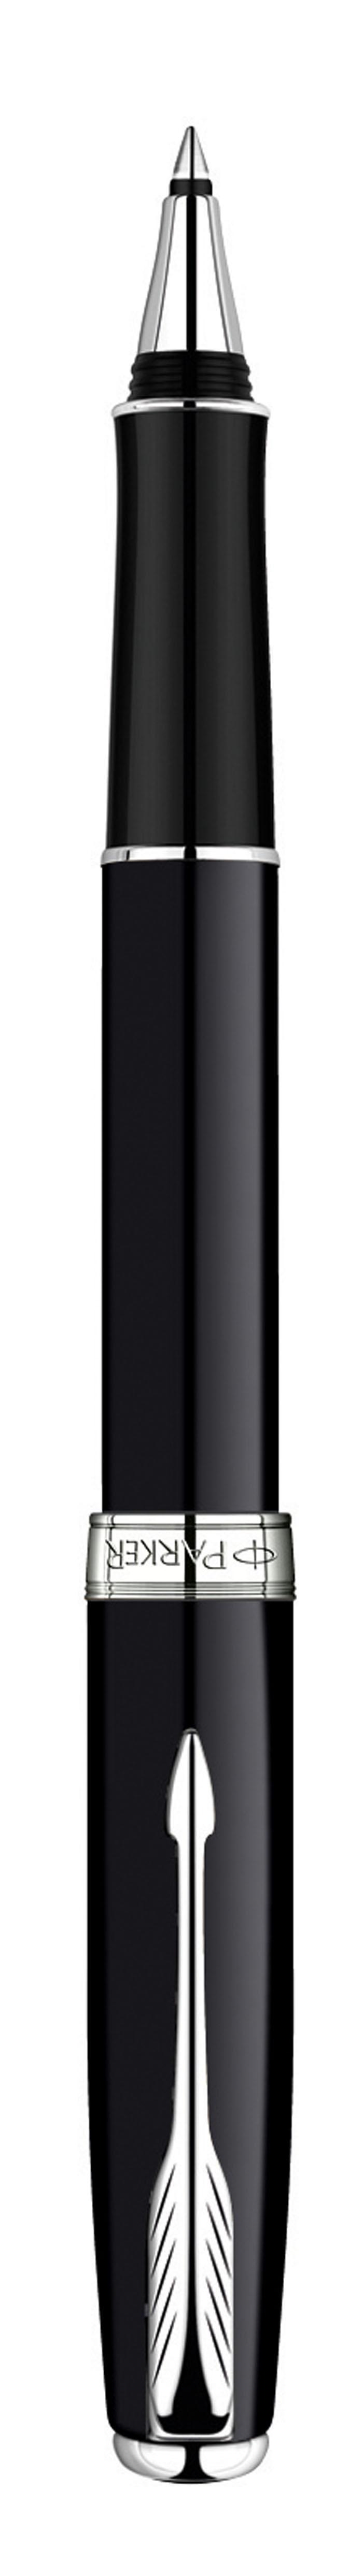 Parker Ручка-роллер Sonnet Black Lacque CTPARKER-S0808820С первого взгляда завораживает роскошная блестящая отделка ручки с нанесением последовательных слоёв яркого черного лака. Детали дизайна с палладиевым покрытием.Тип: Ручка-роллер со съемным колпачкомТолщина пишущего узла: Средний (М)Корпус: Латунь с лаковым покрытием